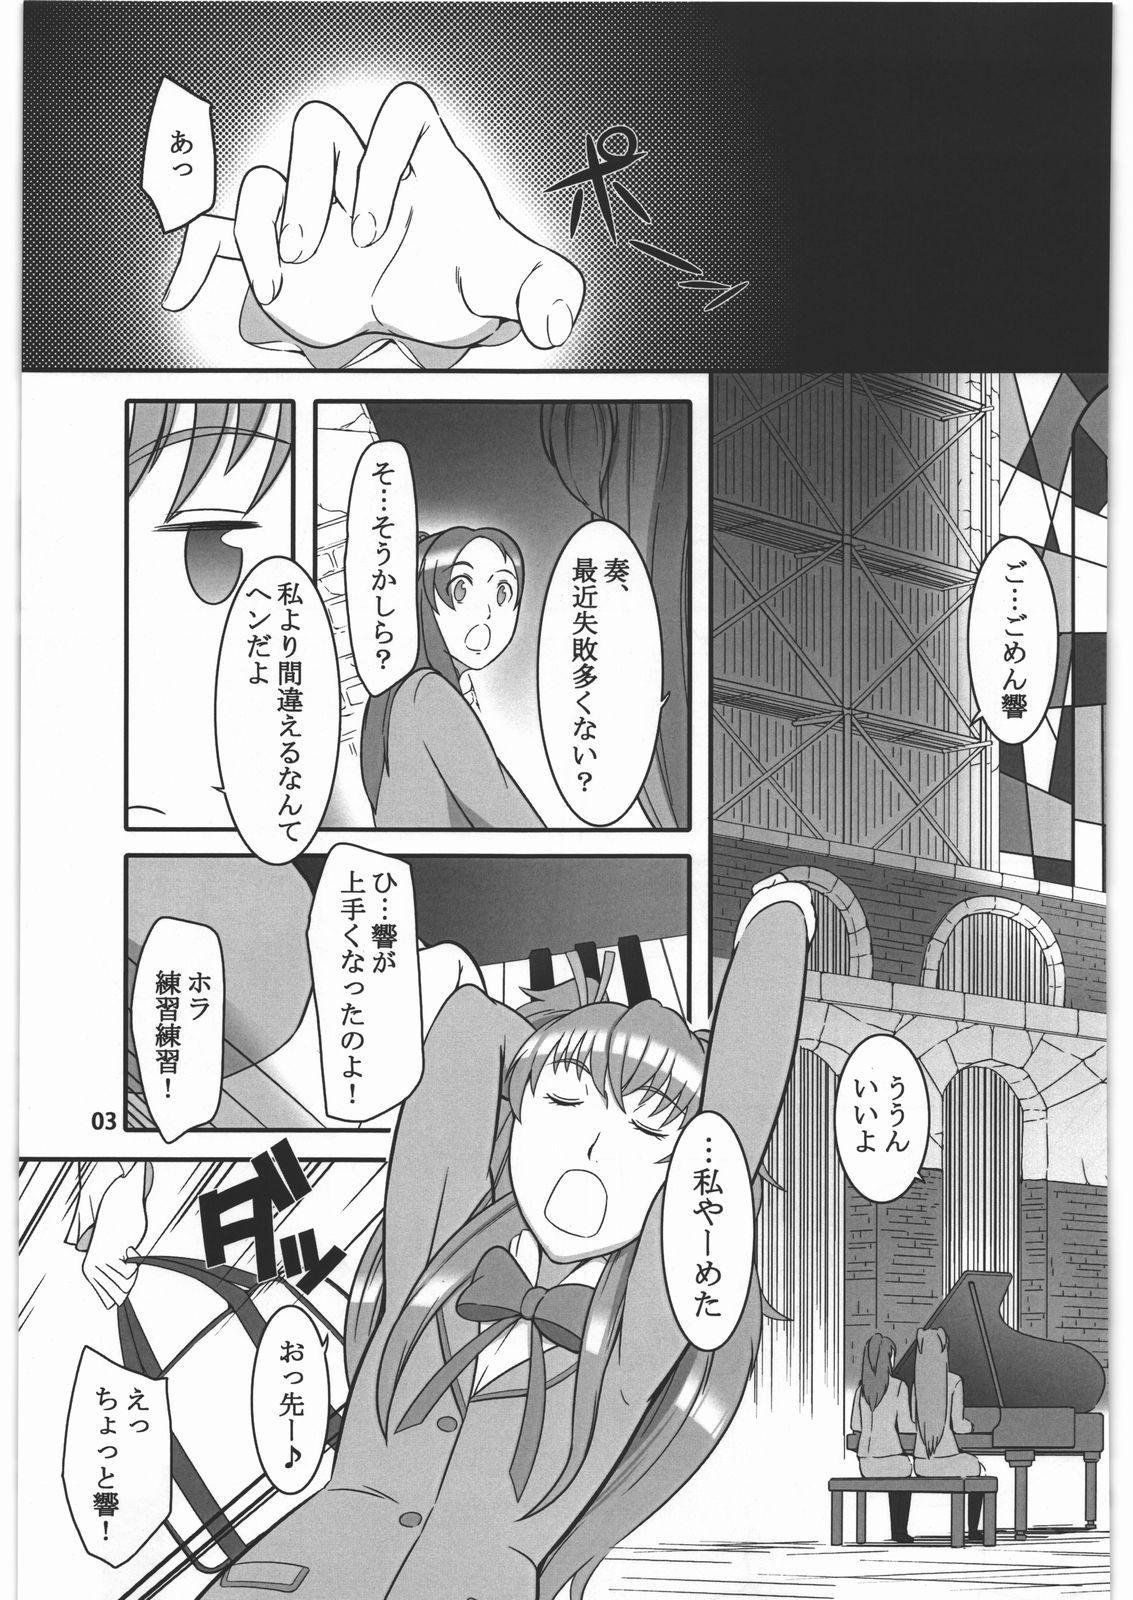 Shichinenme no Uwaki 1